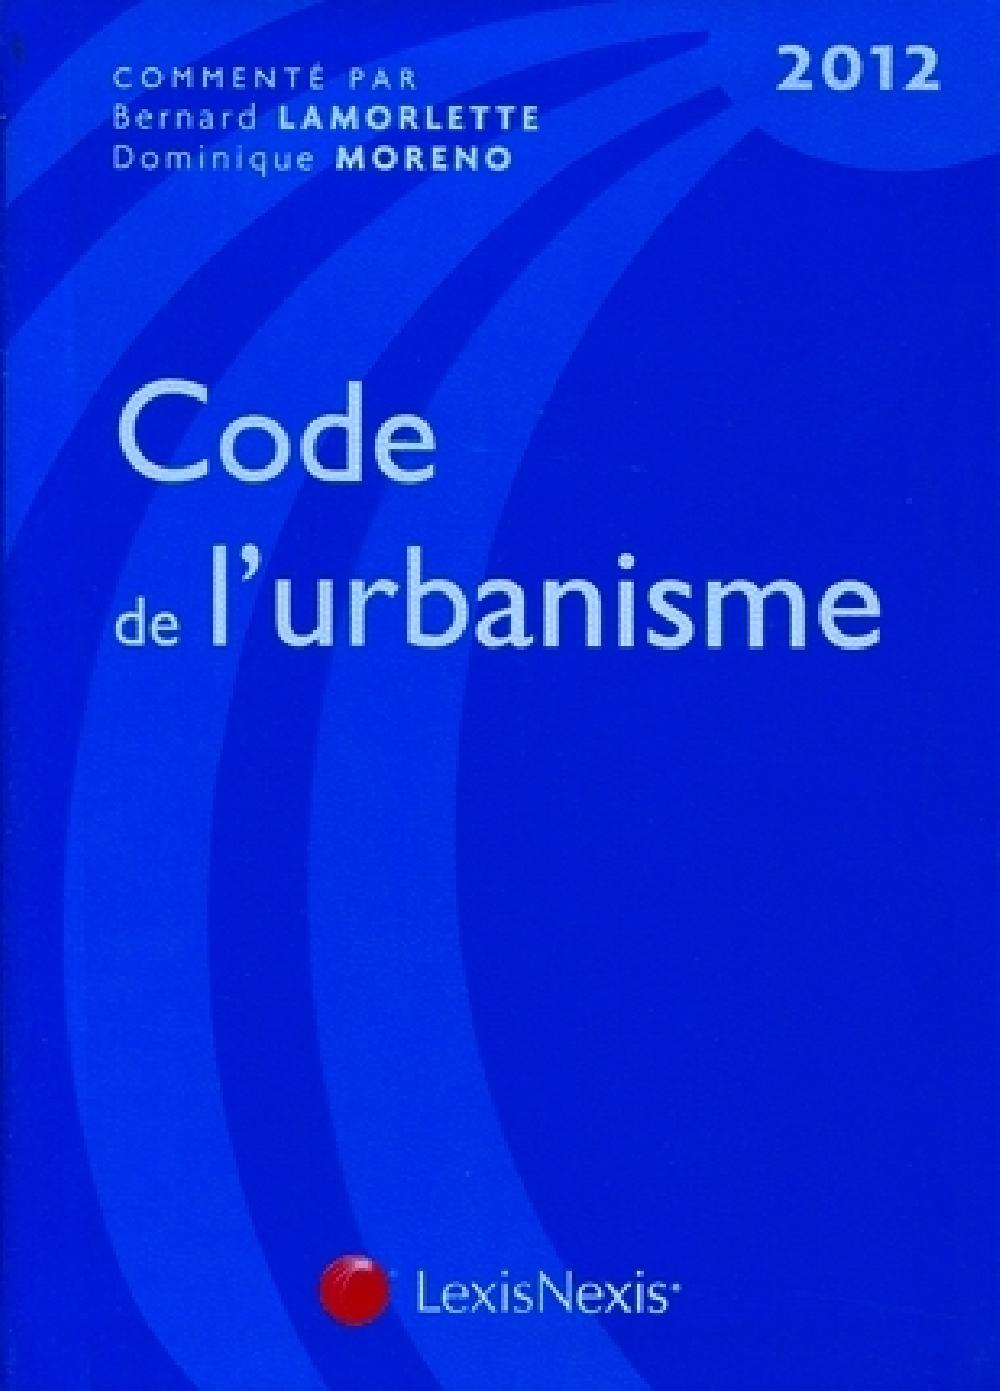 Le code de l'urbanisme 2012